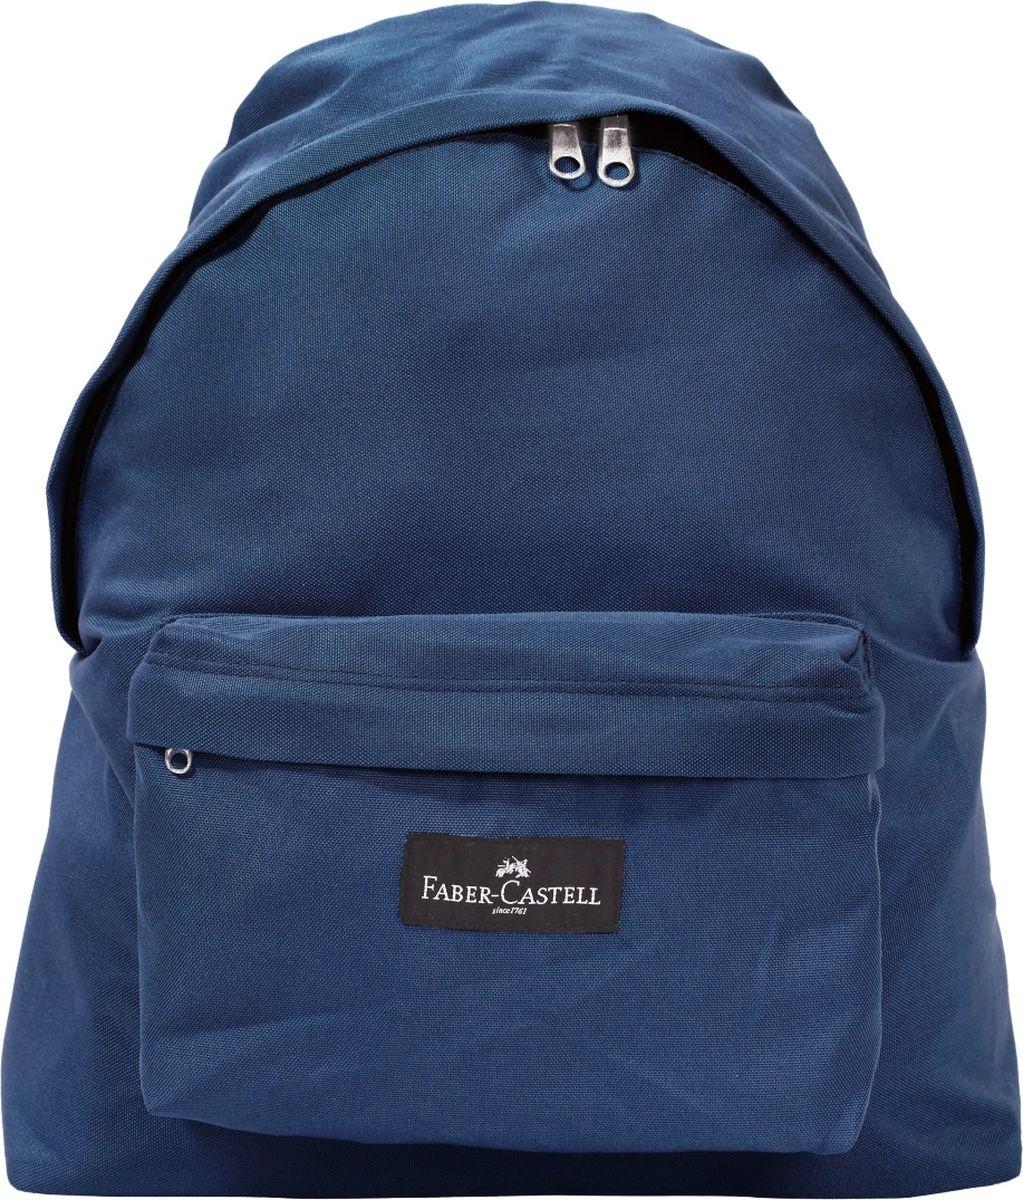 Faber-Castell Рюкзак цвет синий573252Рюкзак Faber-Castell имеет одно большое основное отделение на застежке-молнии и карман на лицевой стороне. У рюкзака удобные лямки.Изделие выполнено текстильных материалов с водоотталкивающим покрытием.